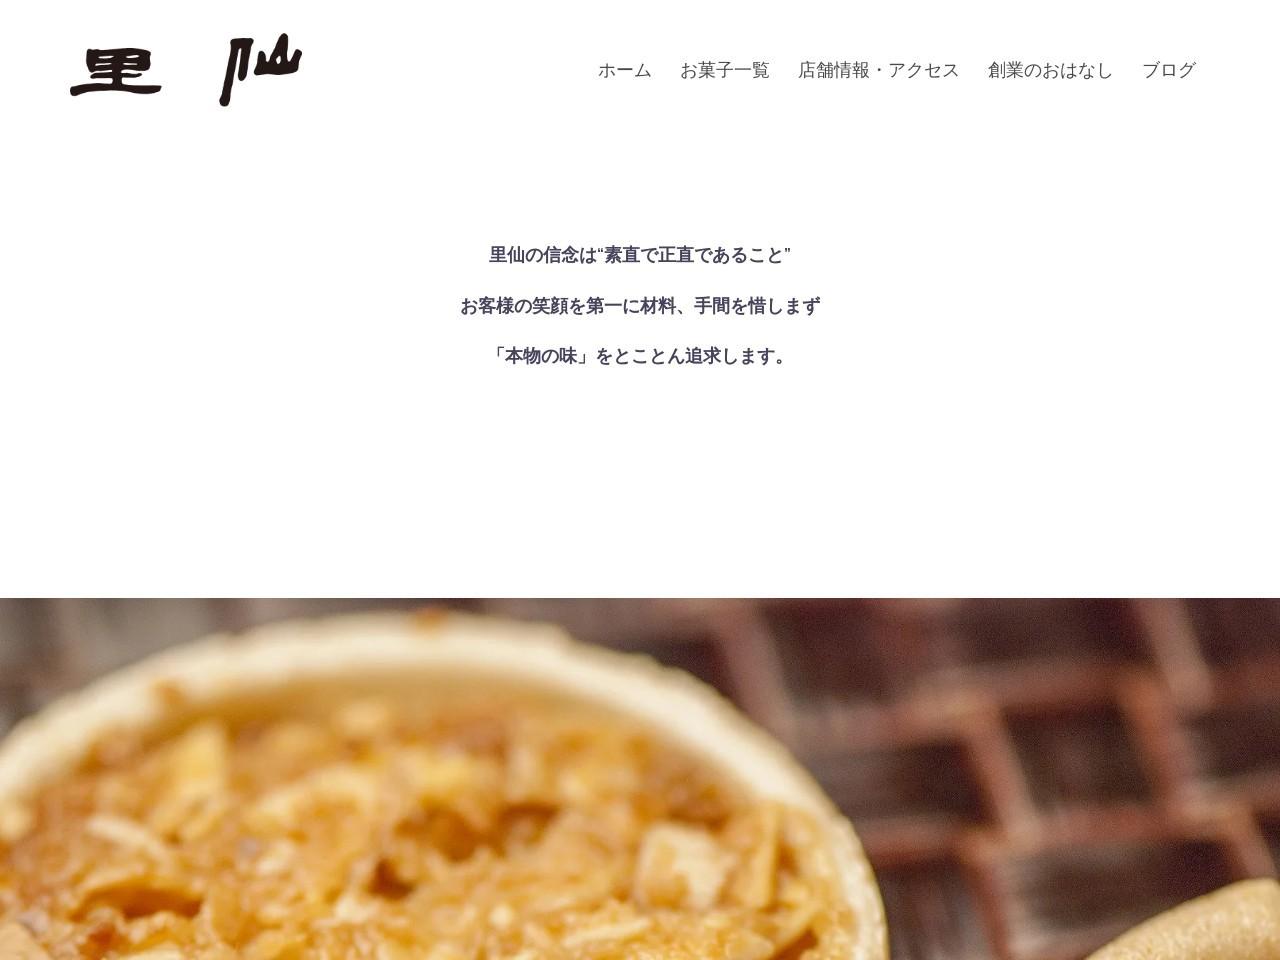 株式会社里仙/本店